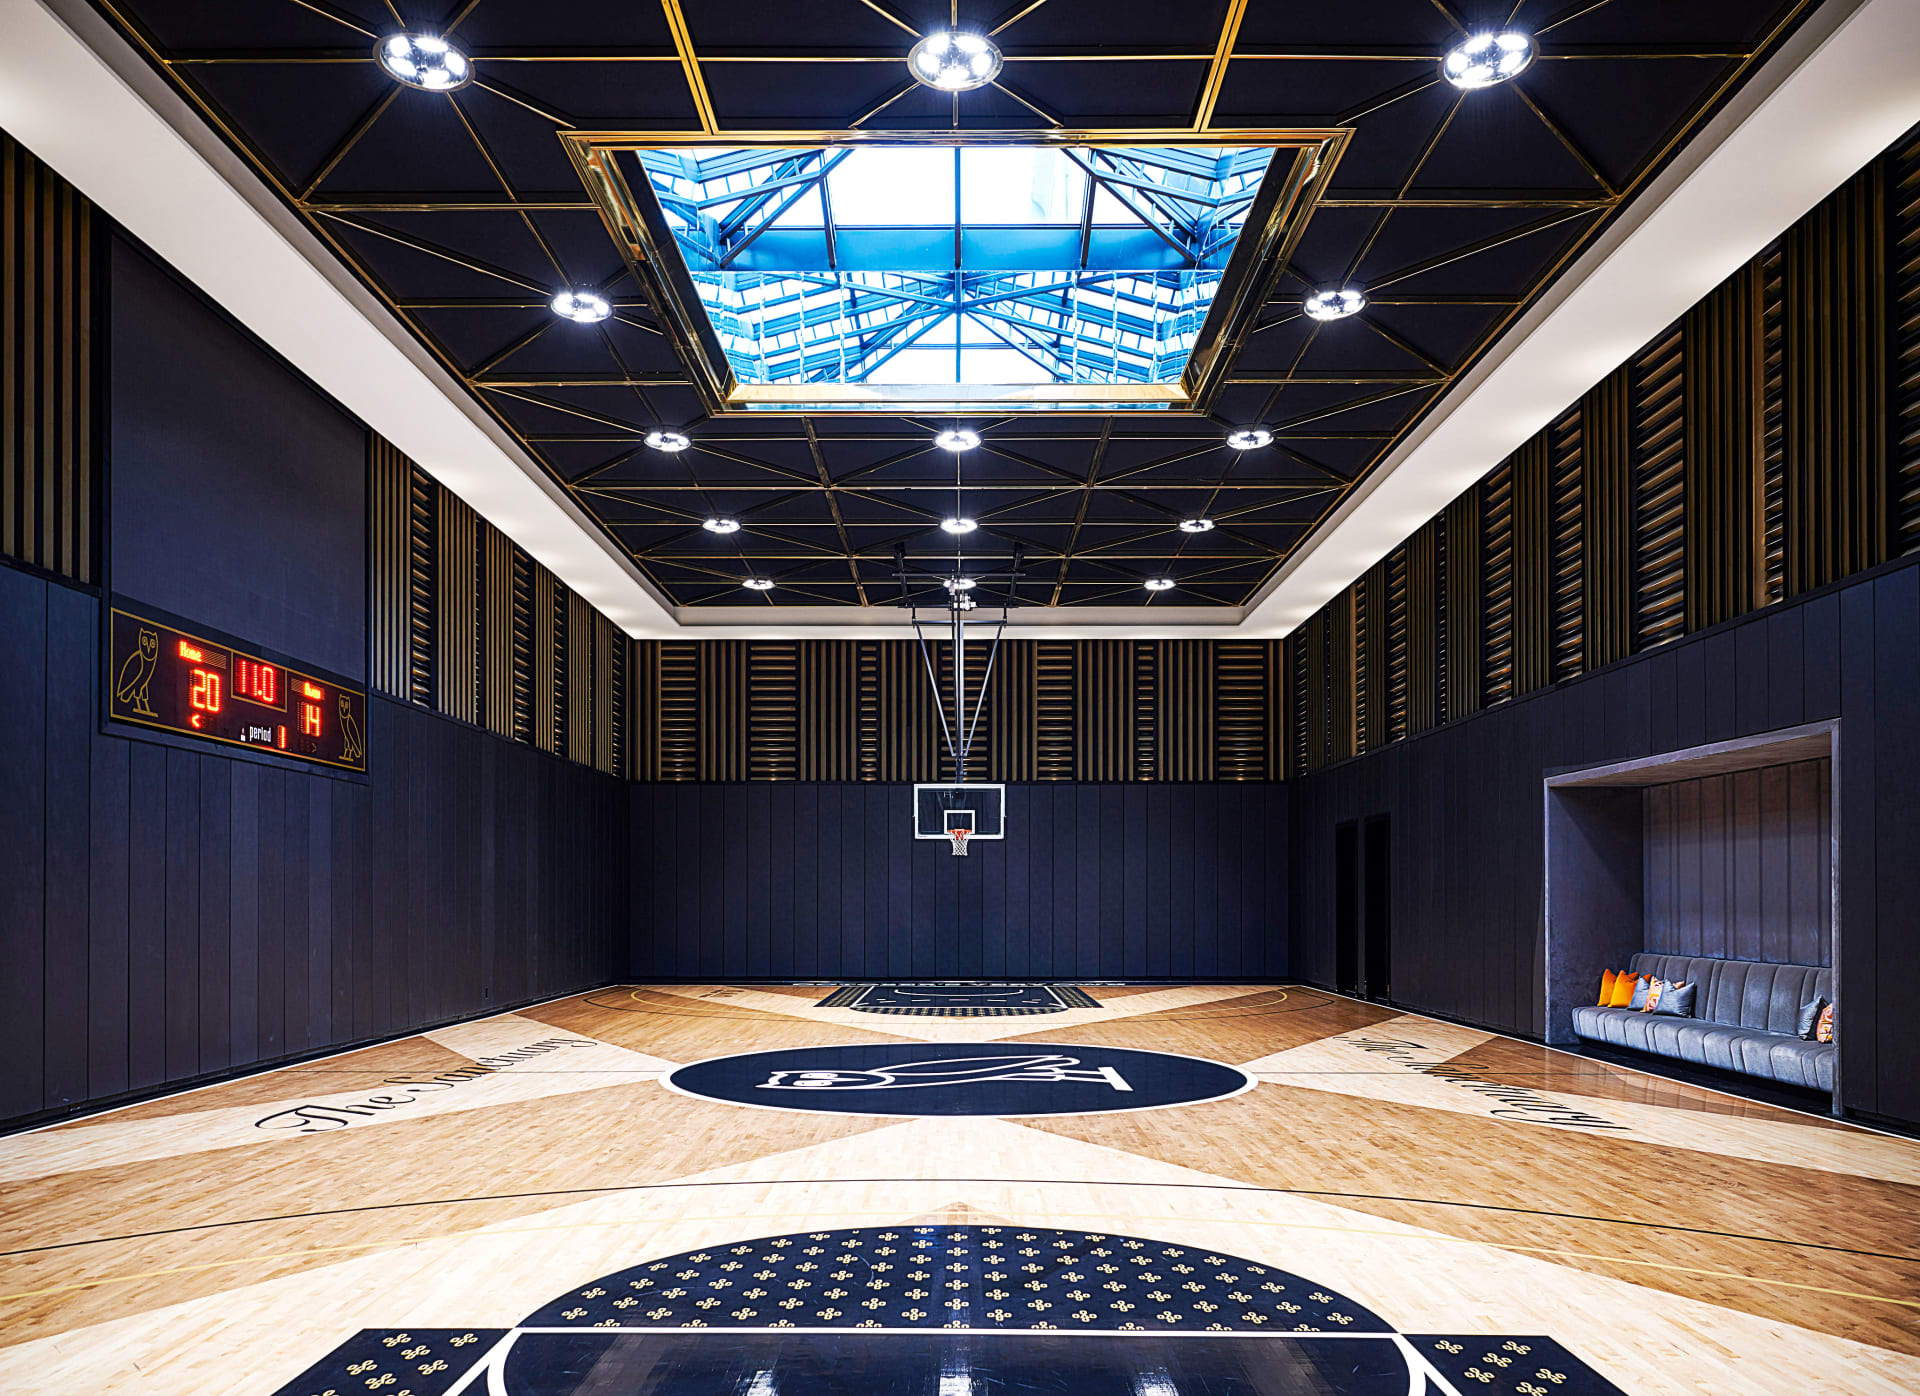 يضم ملعب كرة سلة..إلقى نظرة داخل قصر دريك الفاخر في تورونتو